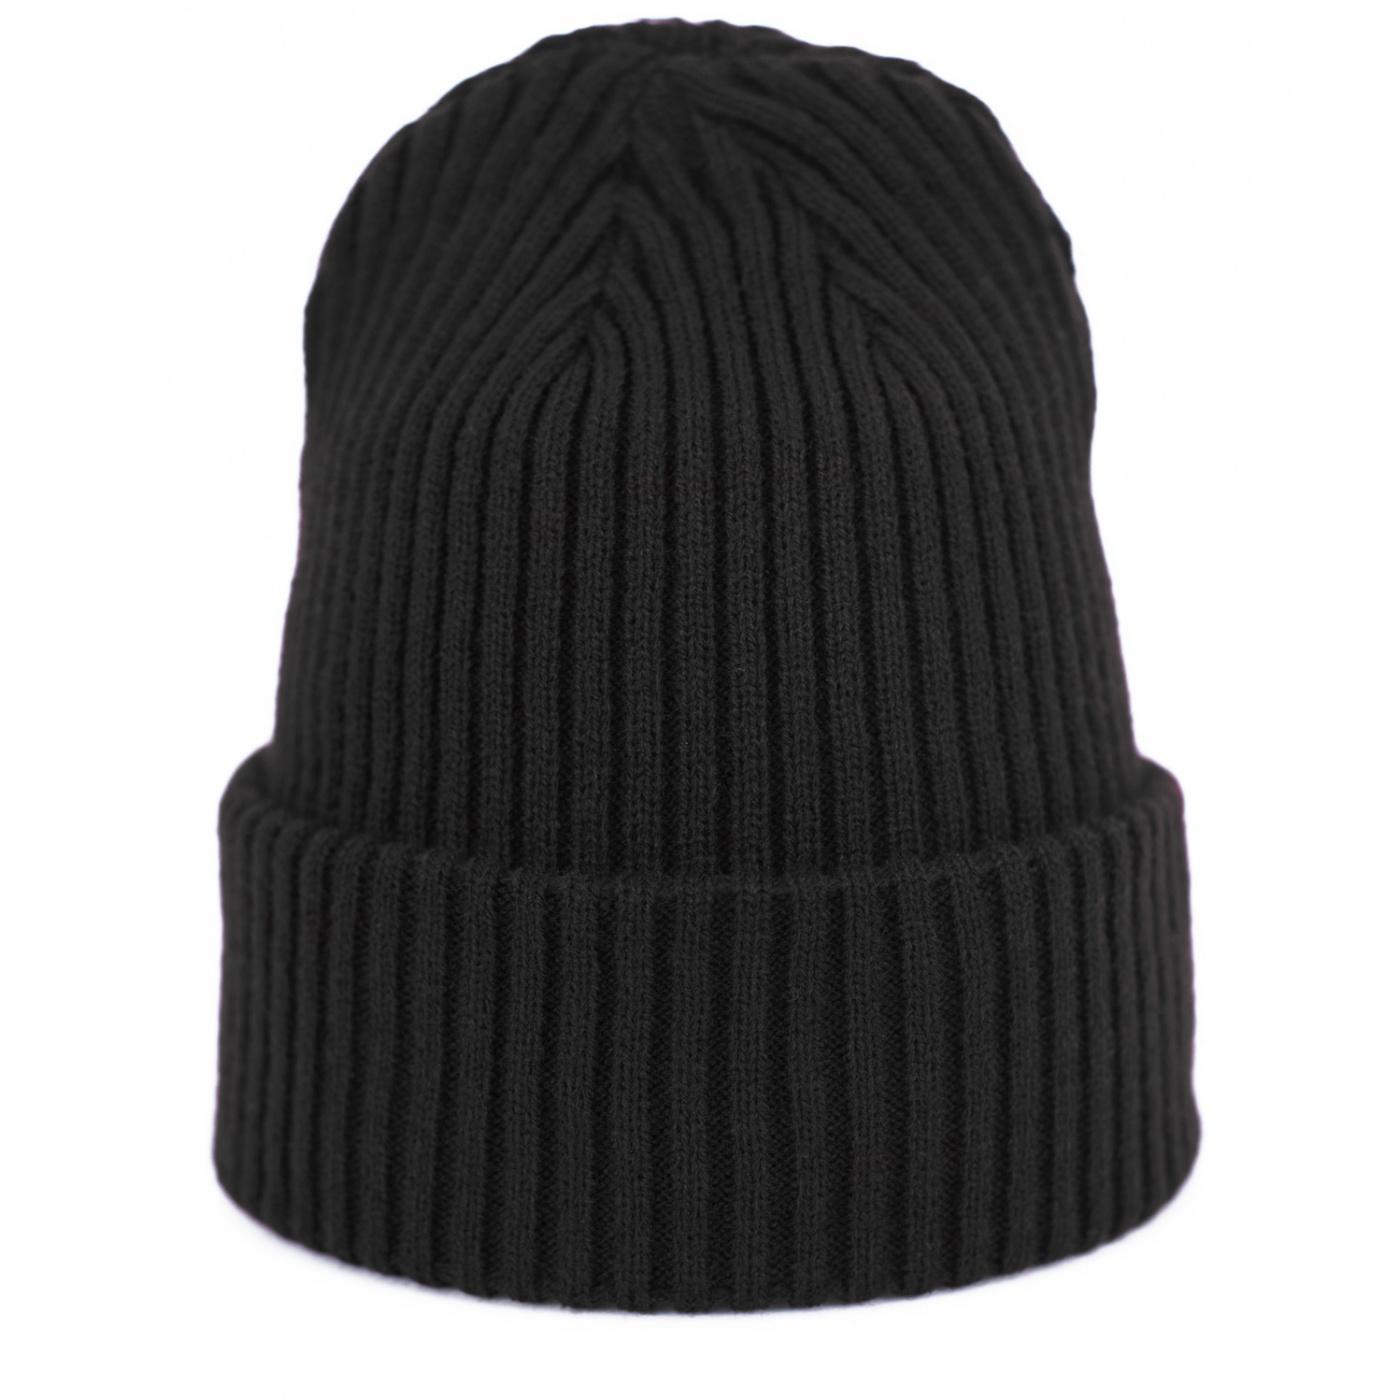 Czapka zimowa damska w prążki - czarna